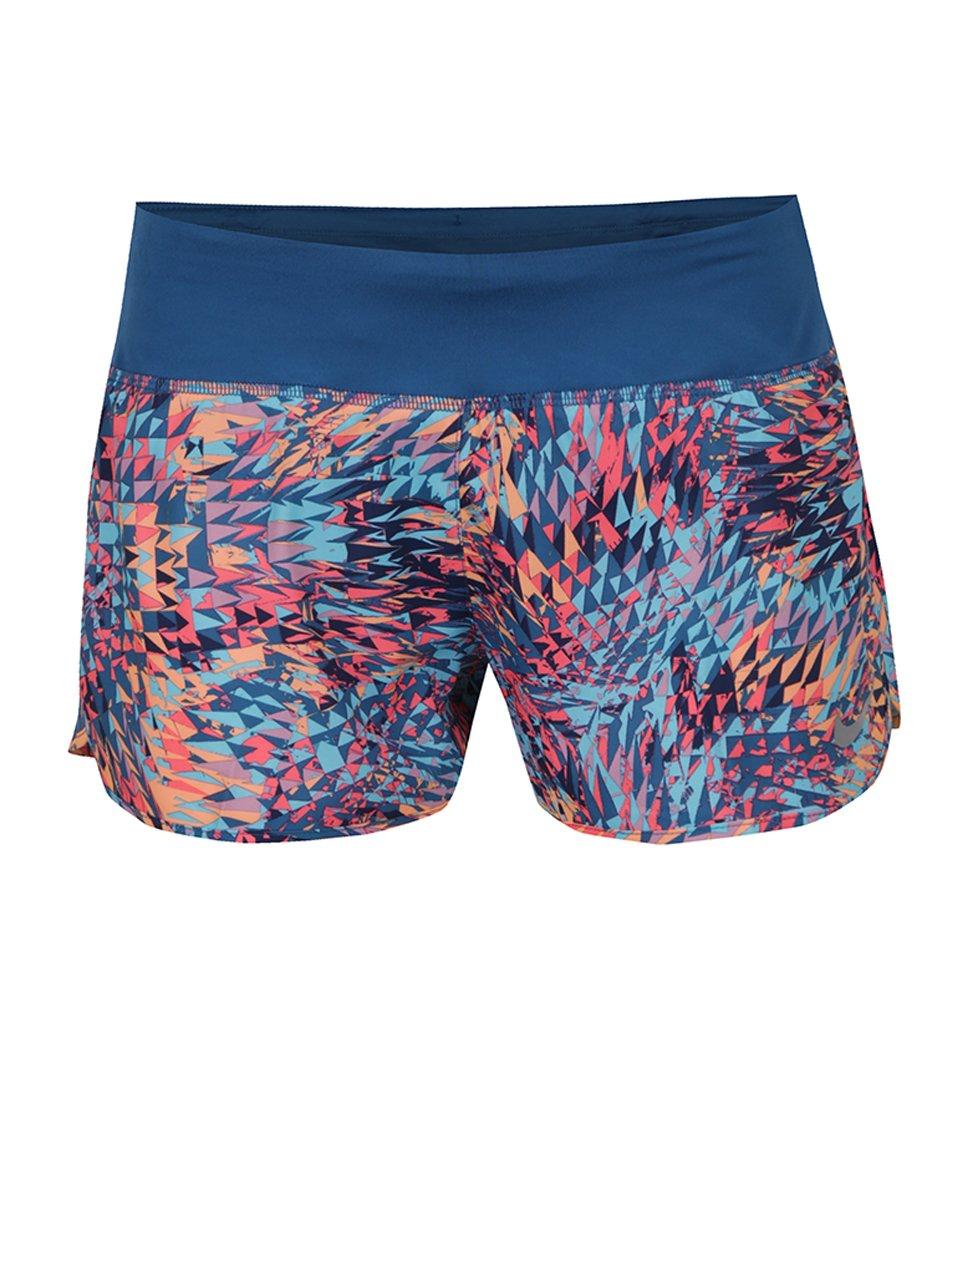 Oranžovo-modré dámské funkční vzorované kraťasy Nike